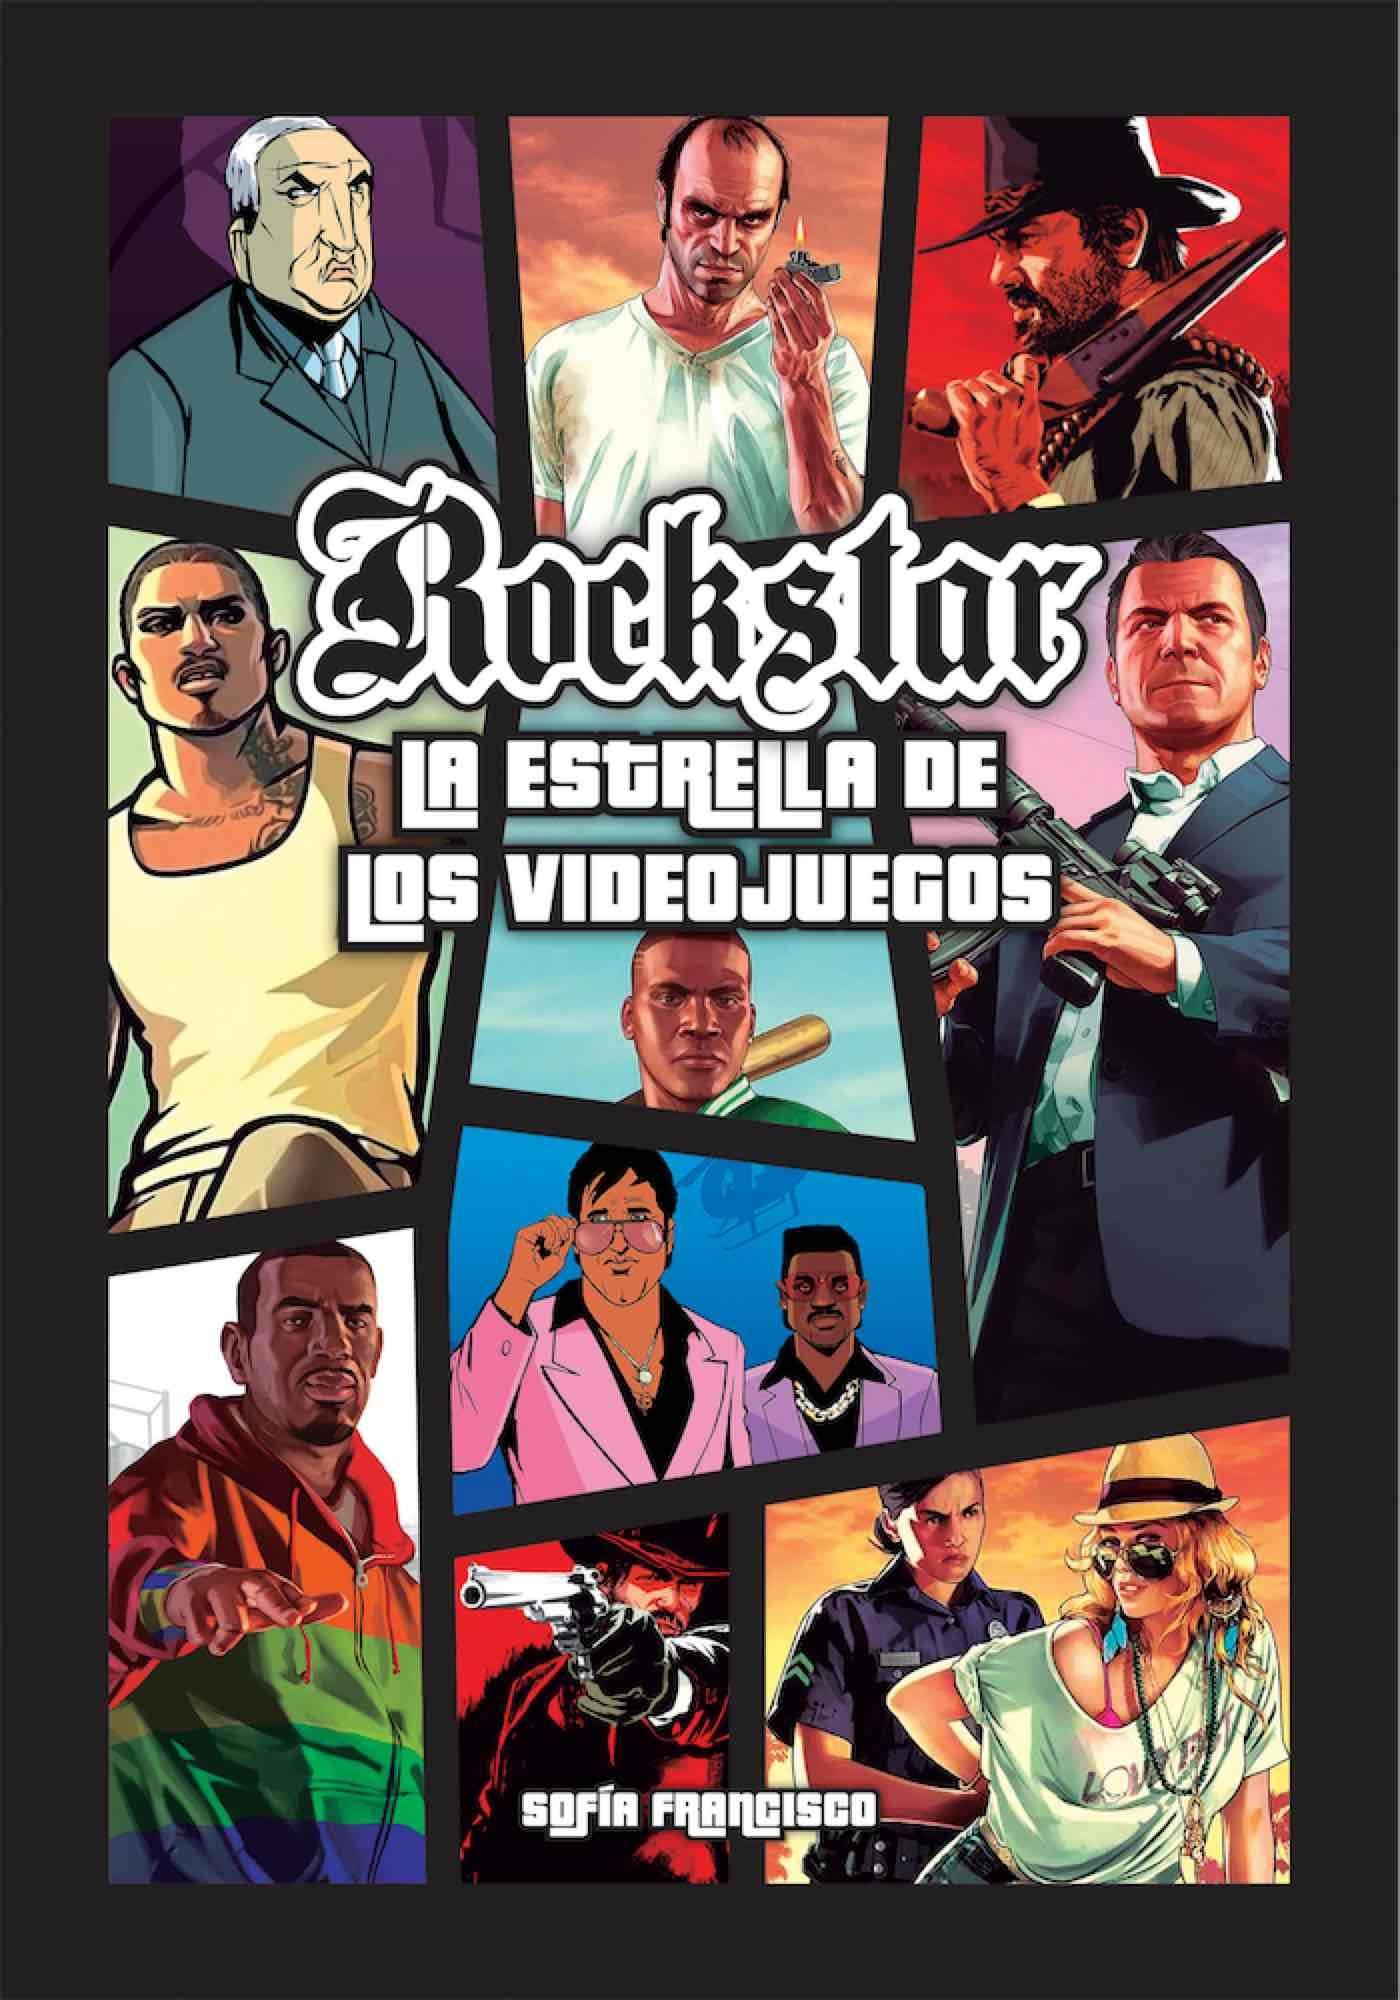 ROCKSTAR LA ESTRELLA DE LOS VIDEOJUEGOS